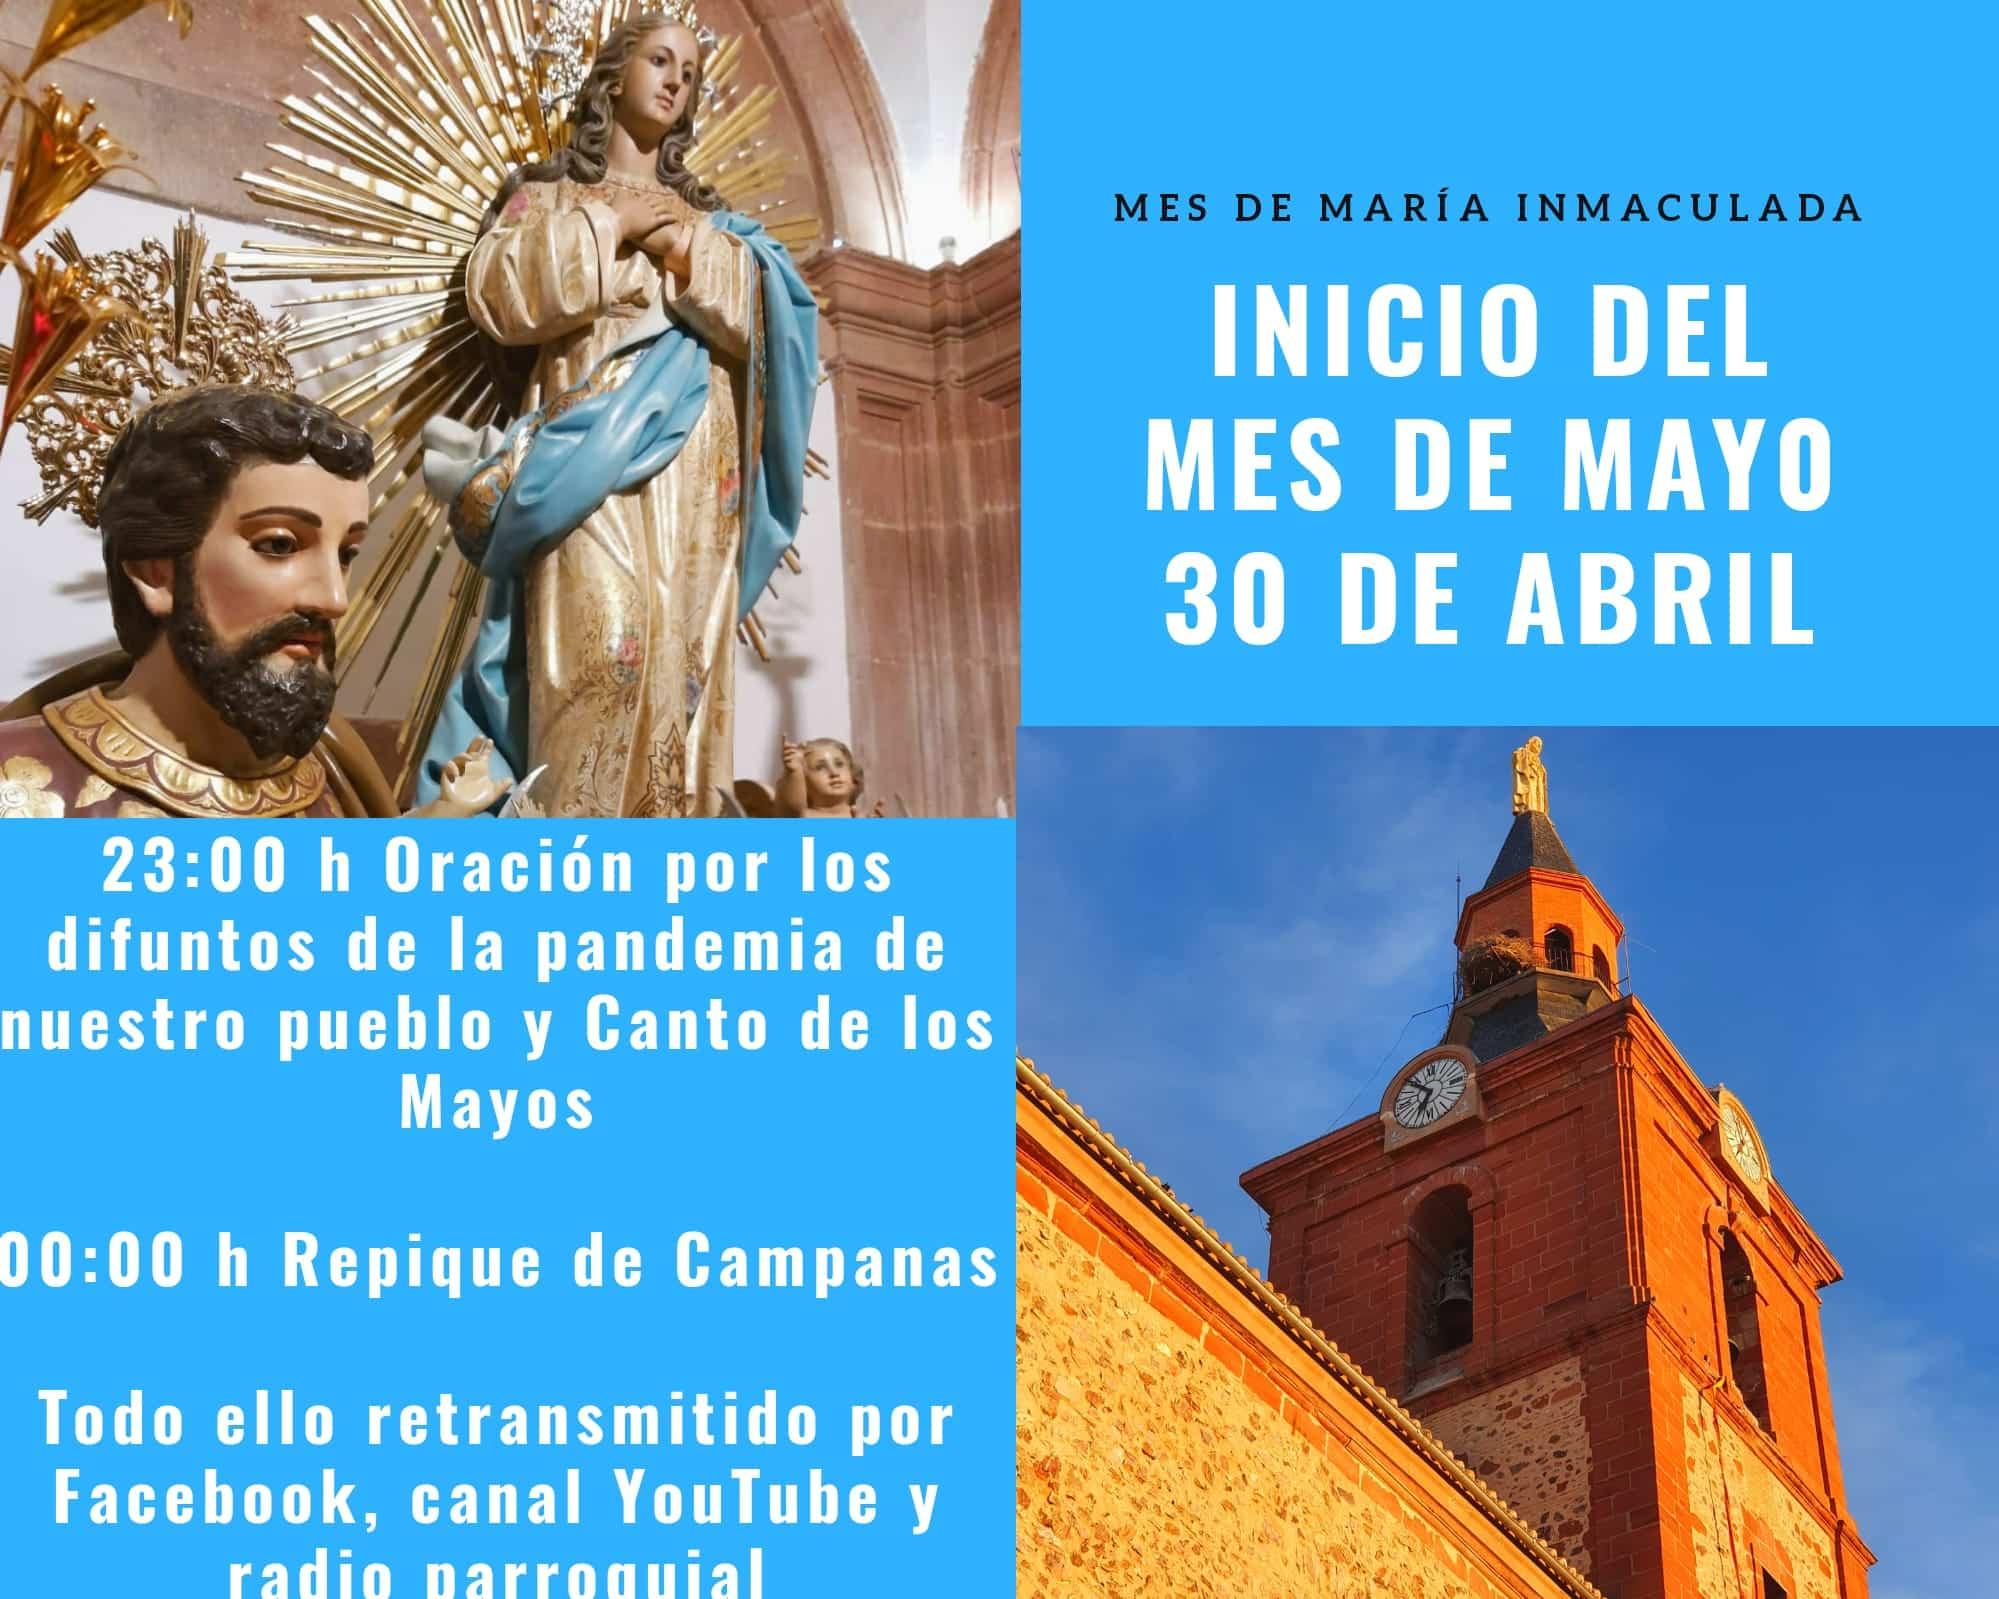 La parroquia Inmaculada Concepción inicia un mes de mayo dedicado a María 11